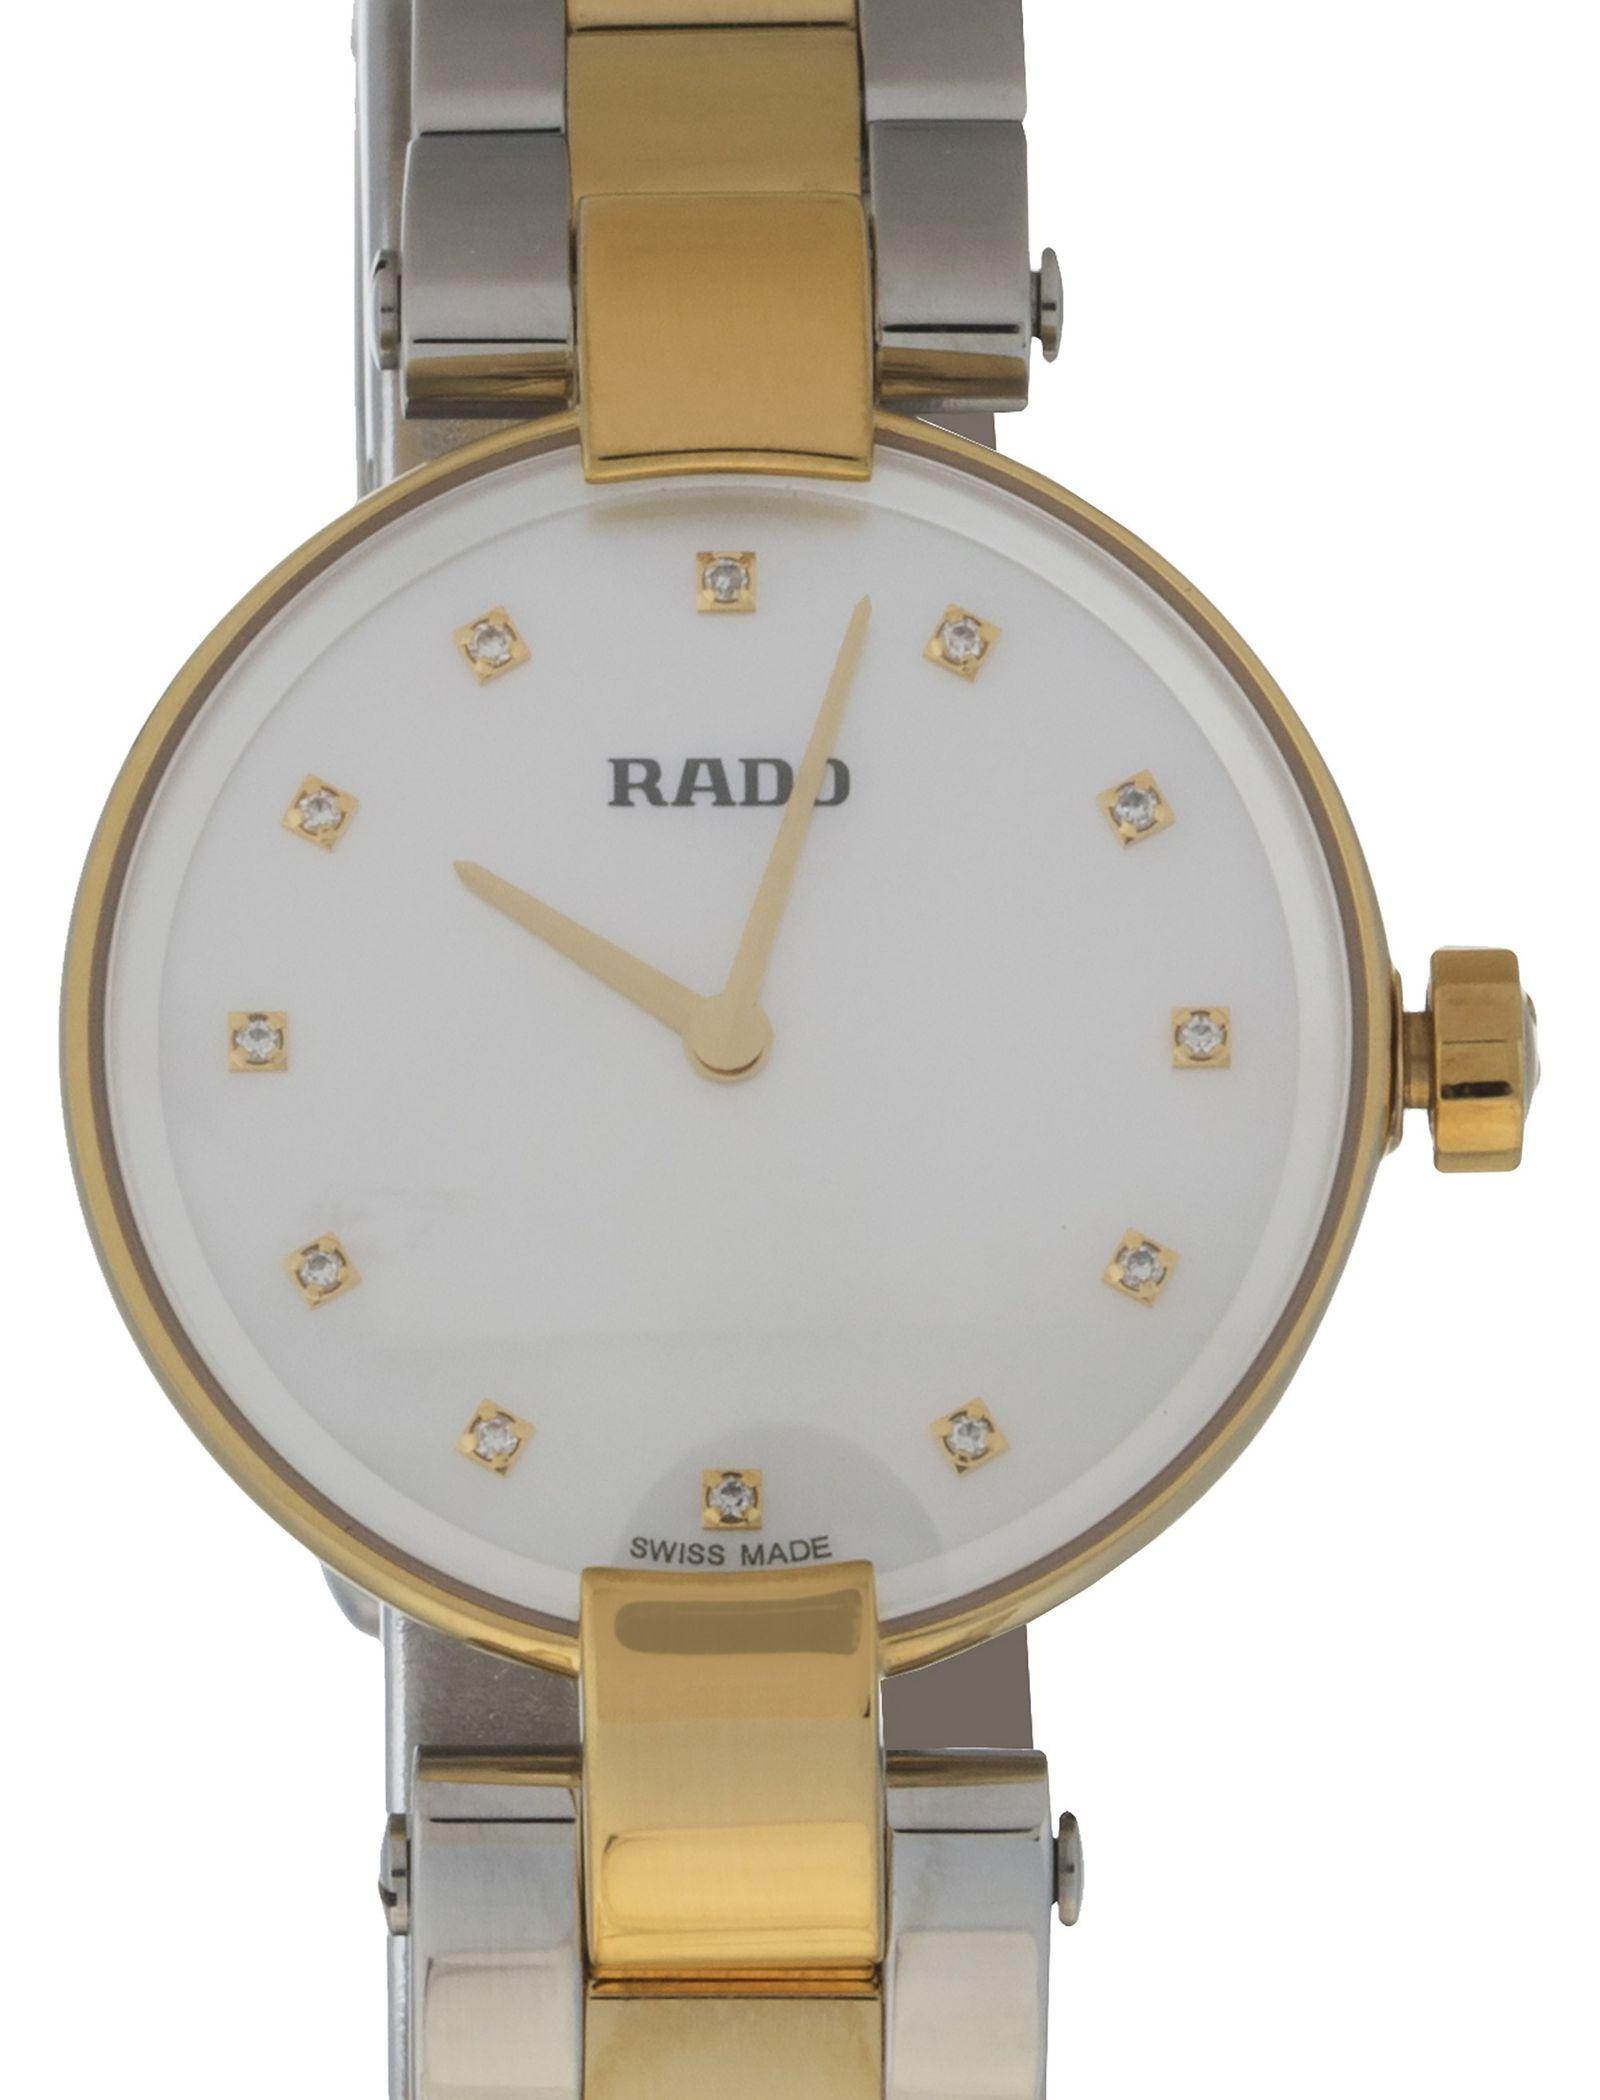 ساعت مچی عقربه ای زنانه - رادو - نقره اي و طلايي - 1